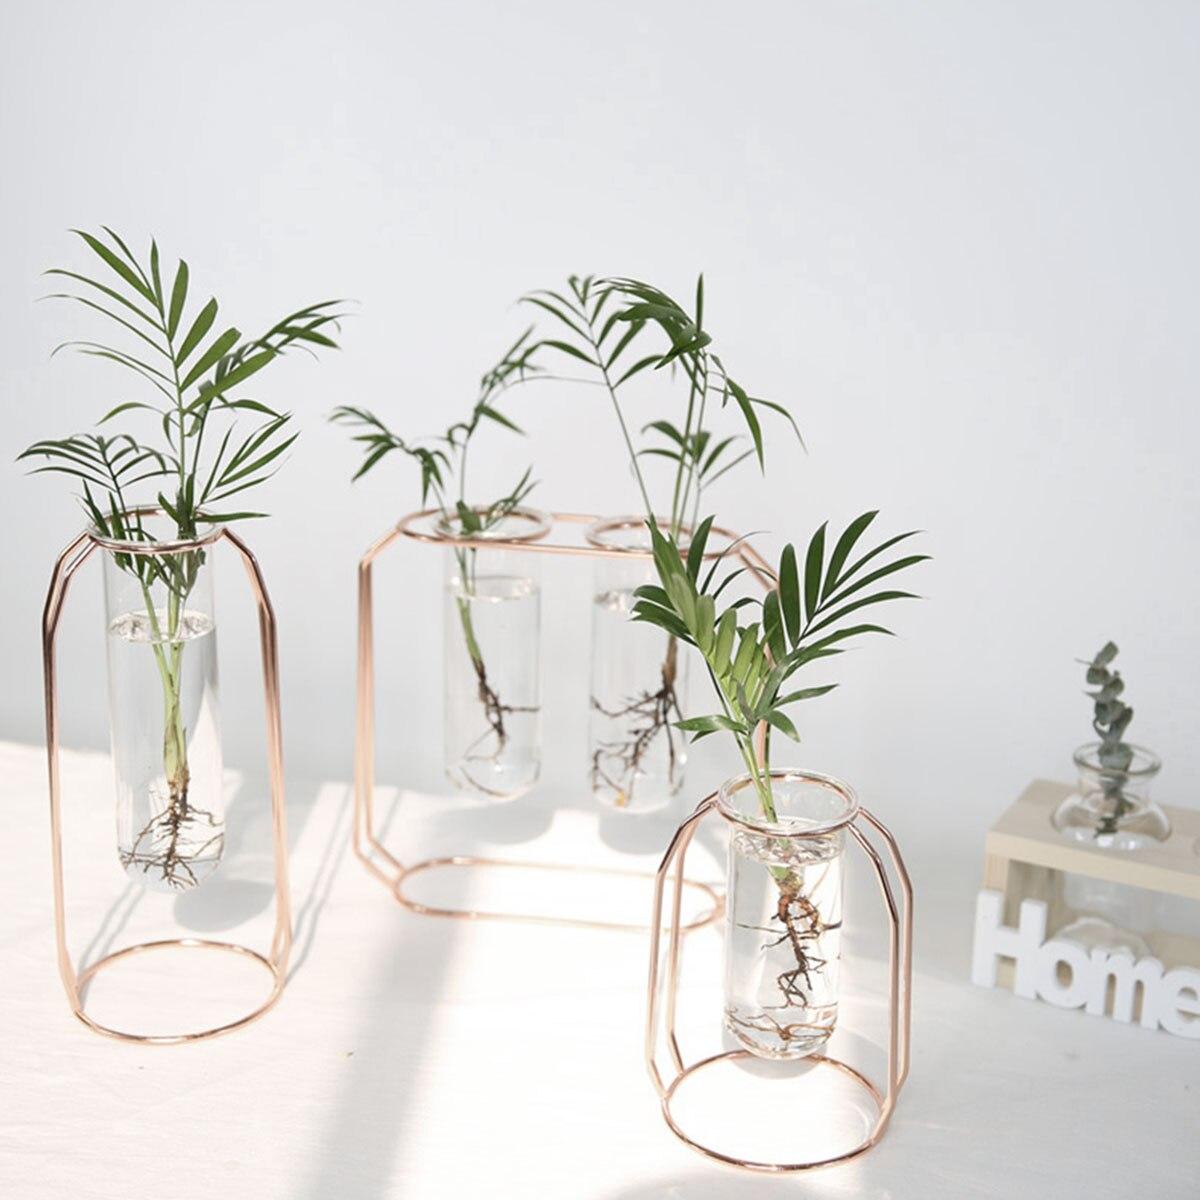 Nordique doré verre Vase fer hydroponique plante fleur Vase table café bureau décoration de la maison accessoires moderne|Vases|   - AliExpress